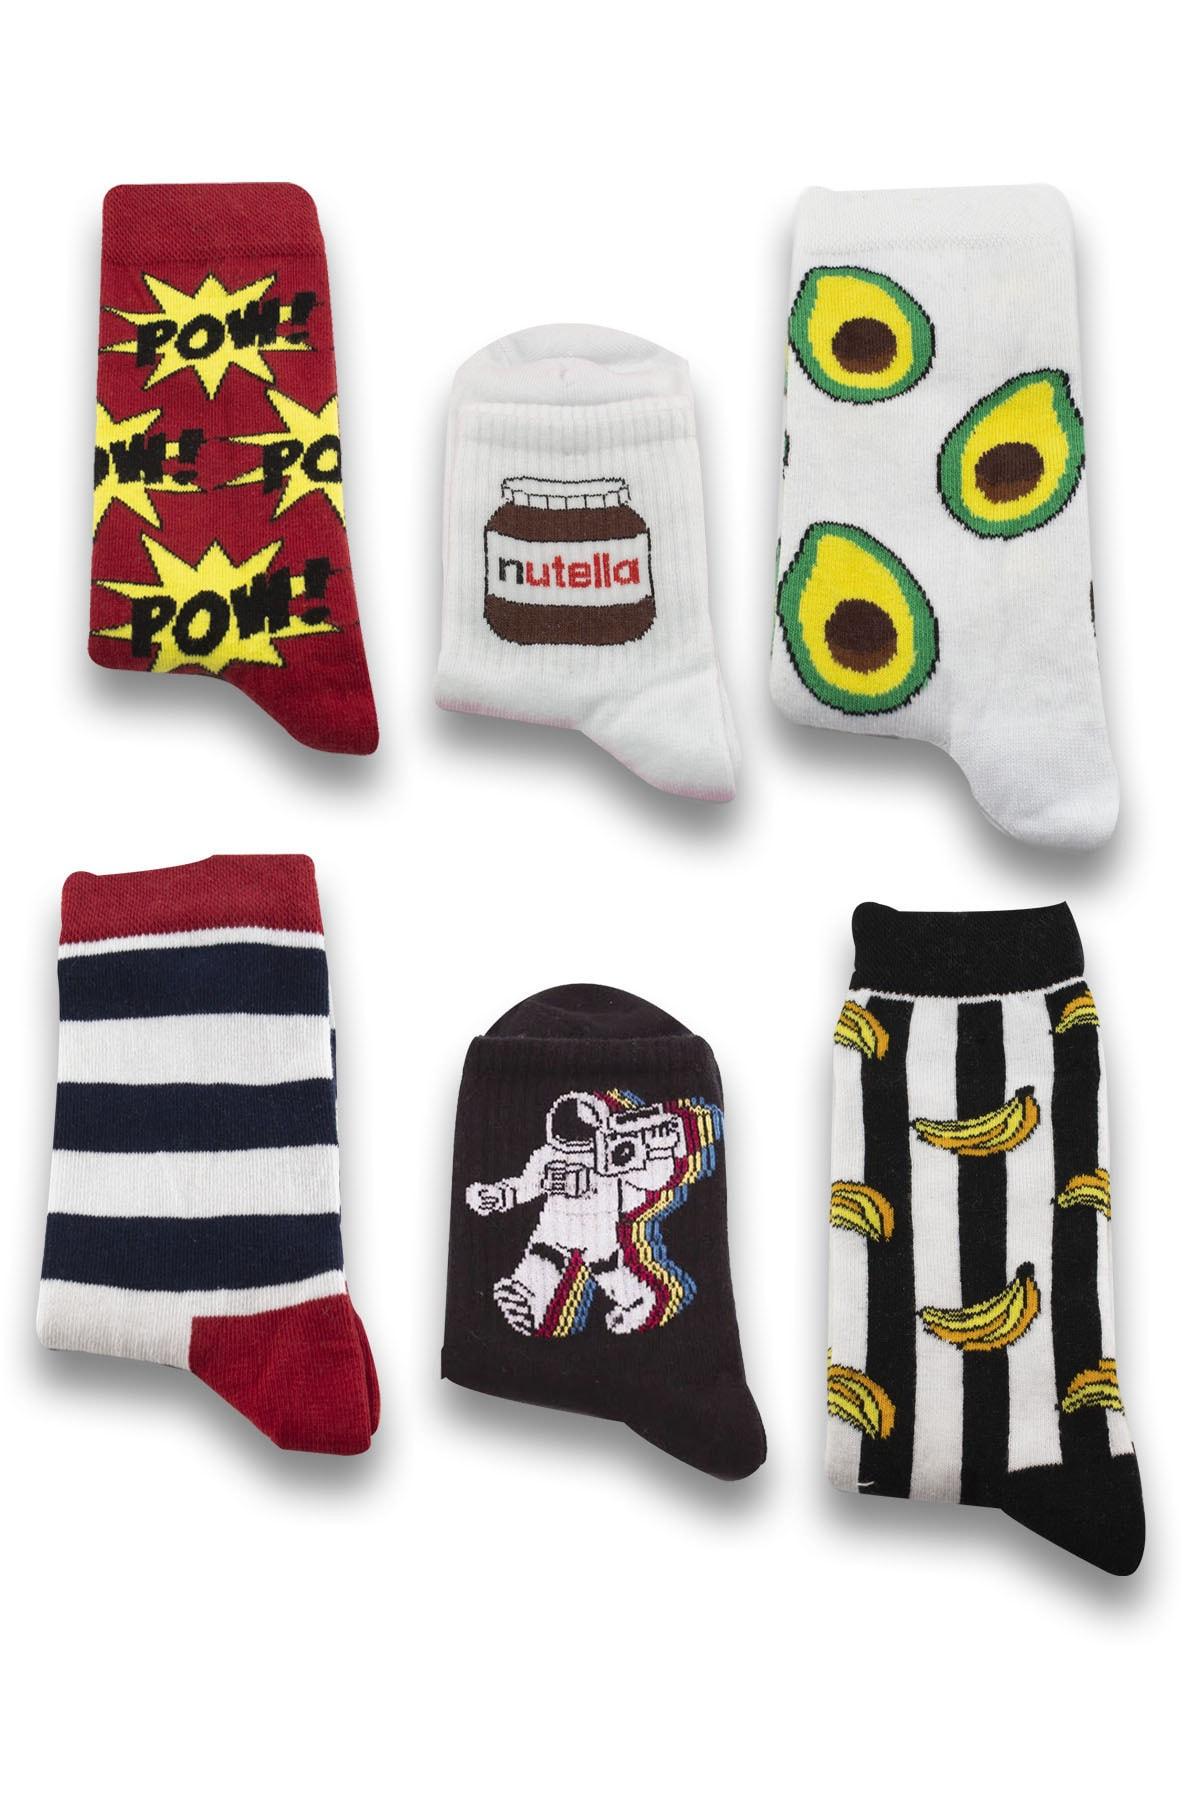 Socksarmy Unisex Pow  Avokado  Muz Desenli 6 Lı Ahşap Kutu Çorap Seti